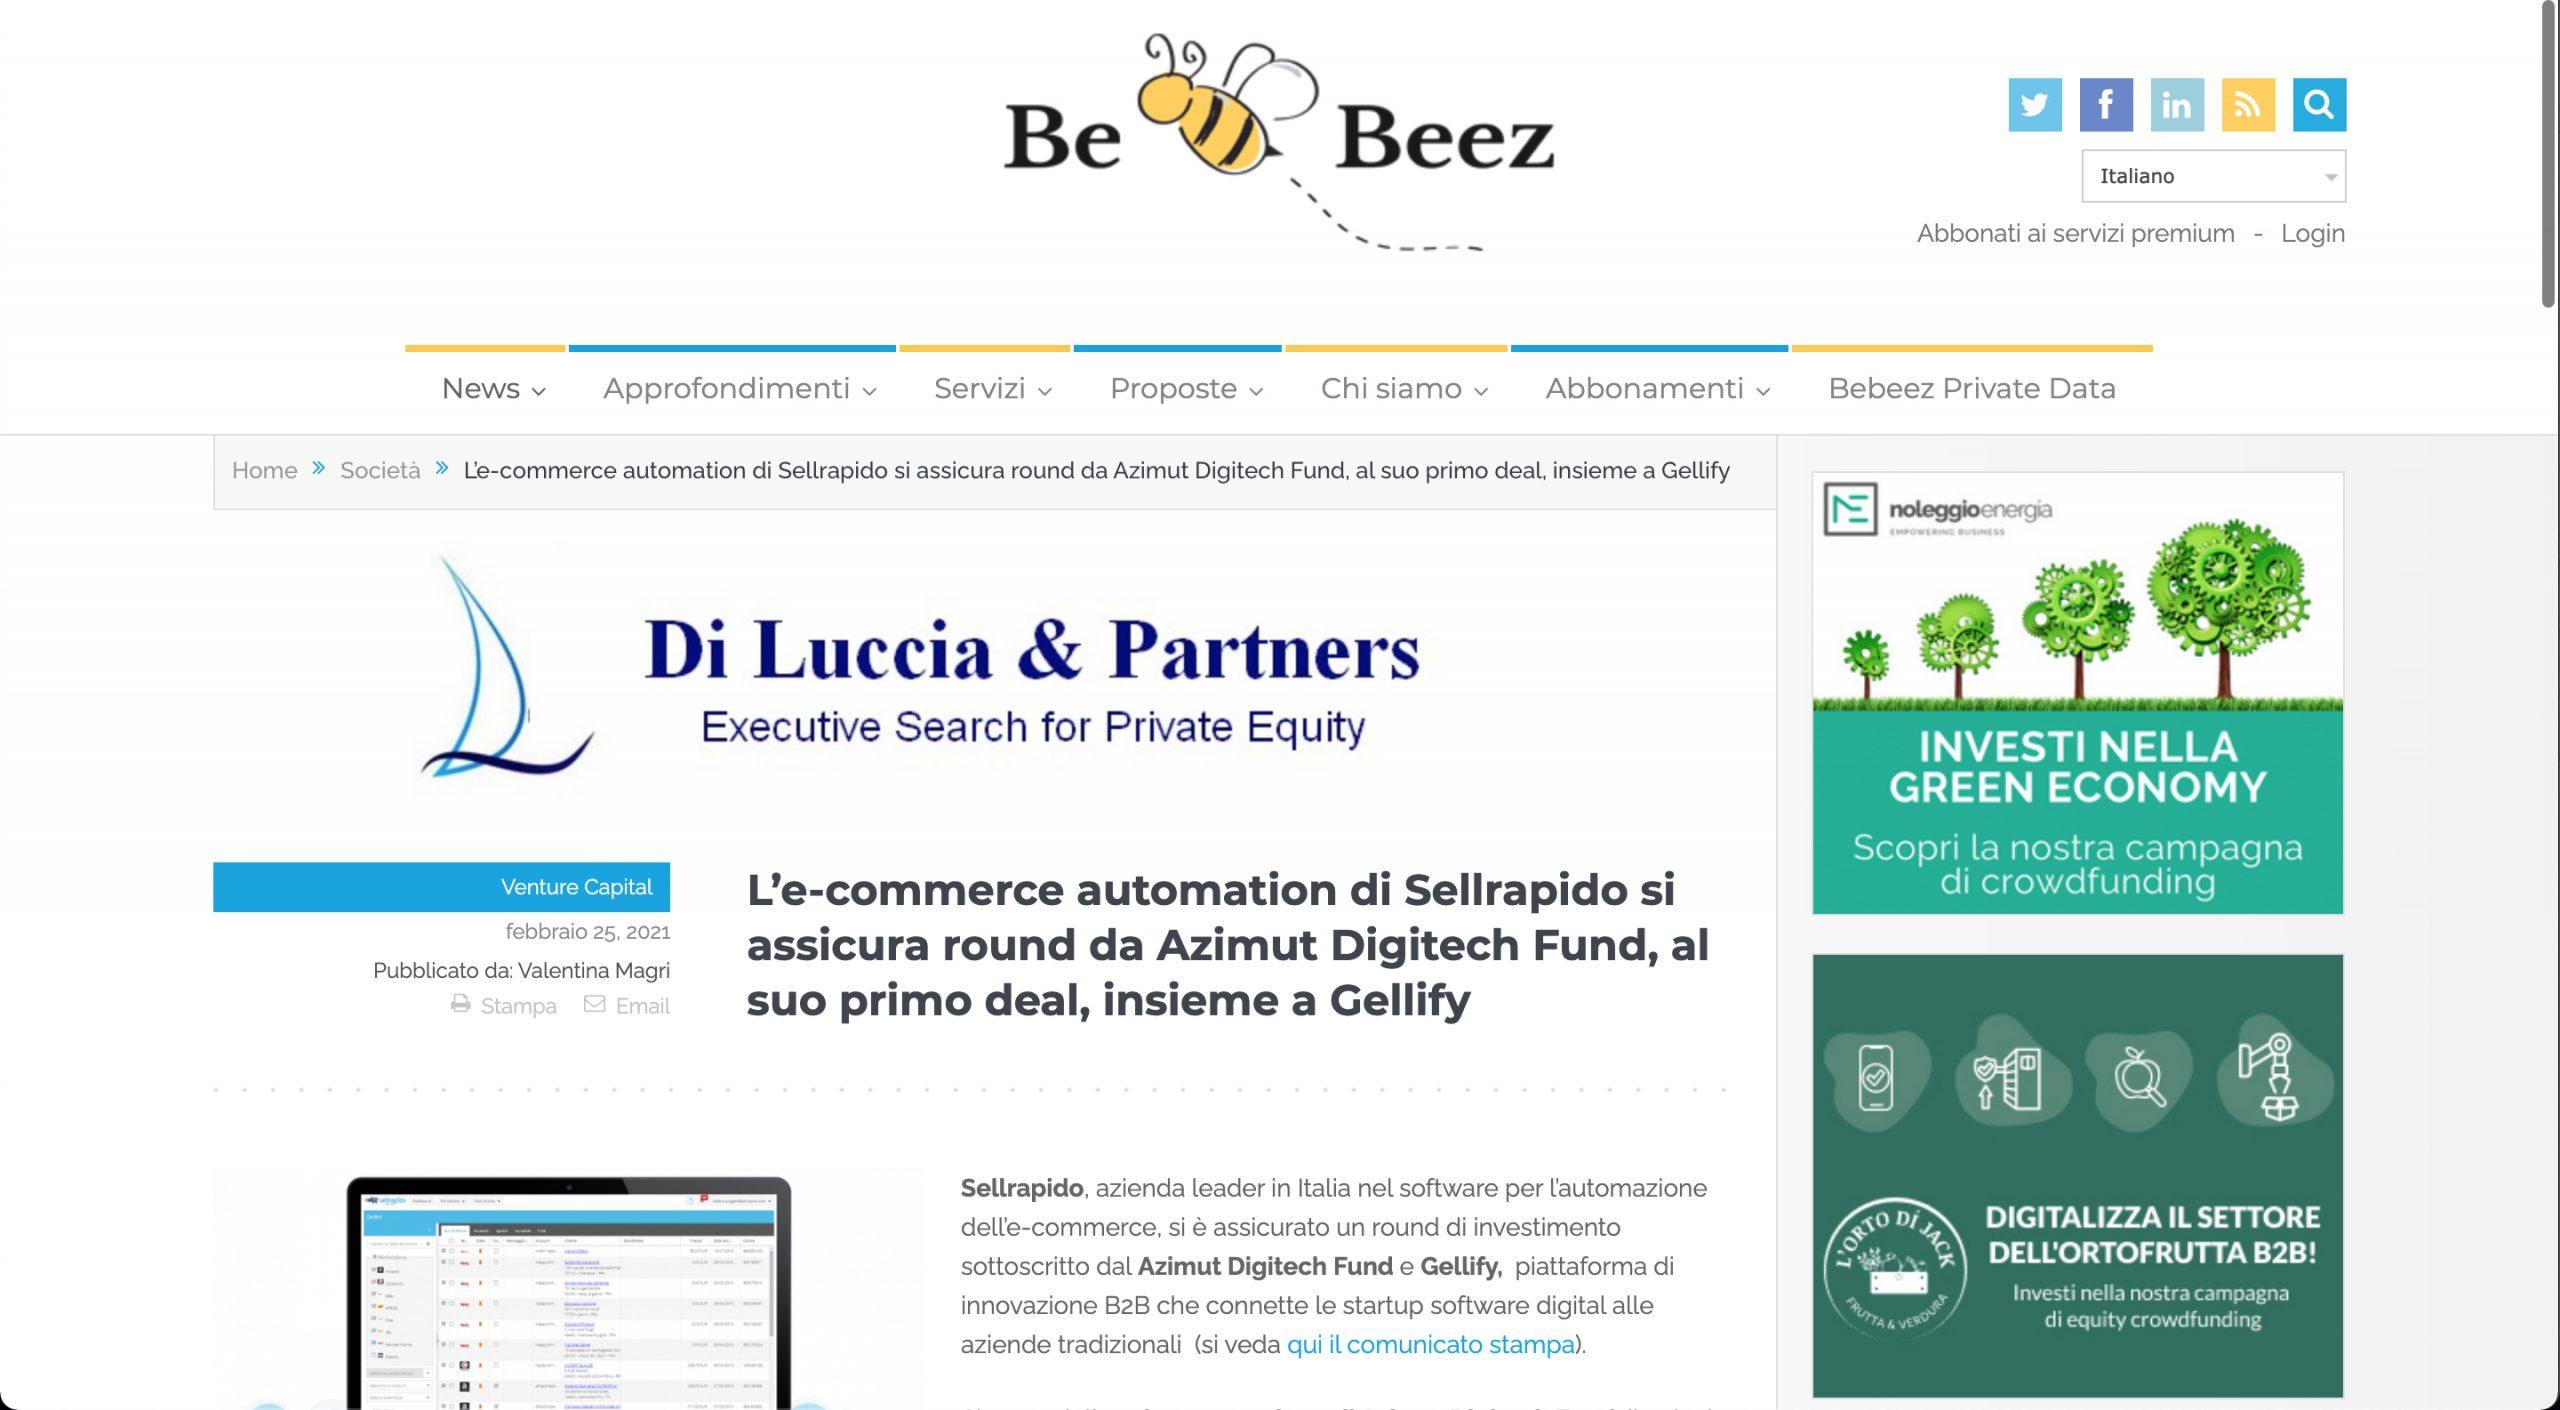 BeBeez: L'e-commerce automation di Sellrapido si assicura round da Azimut Digitech Fund, al suo primo deal, insieme a Gellify